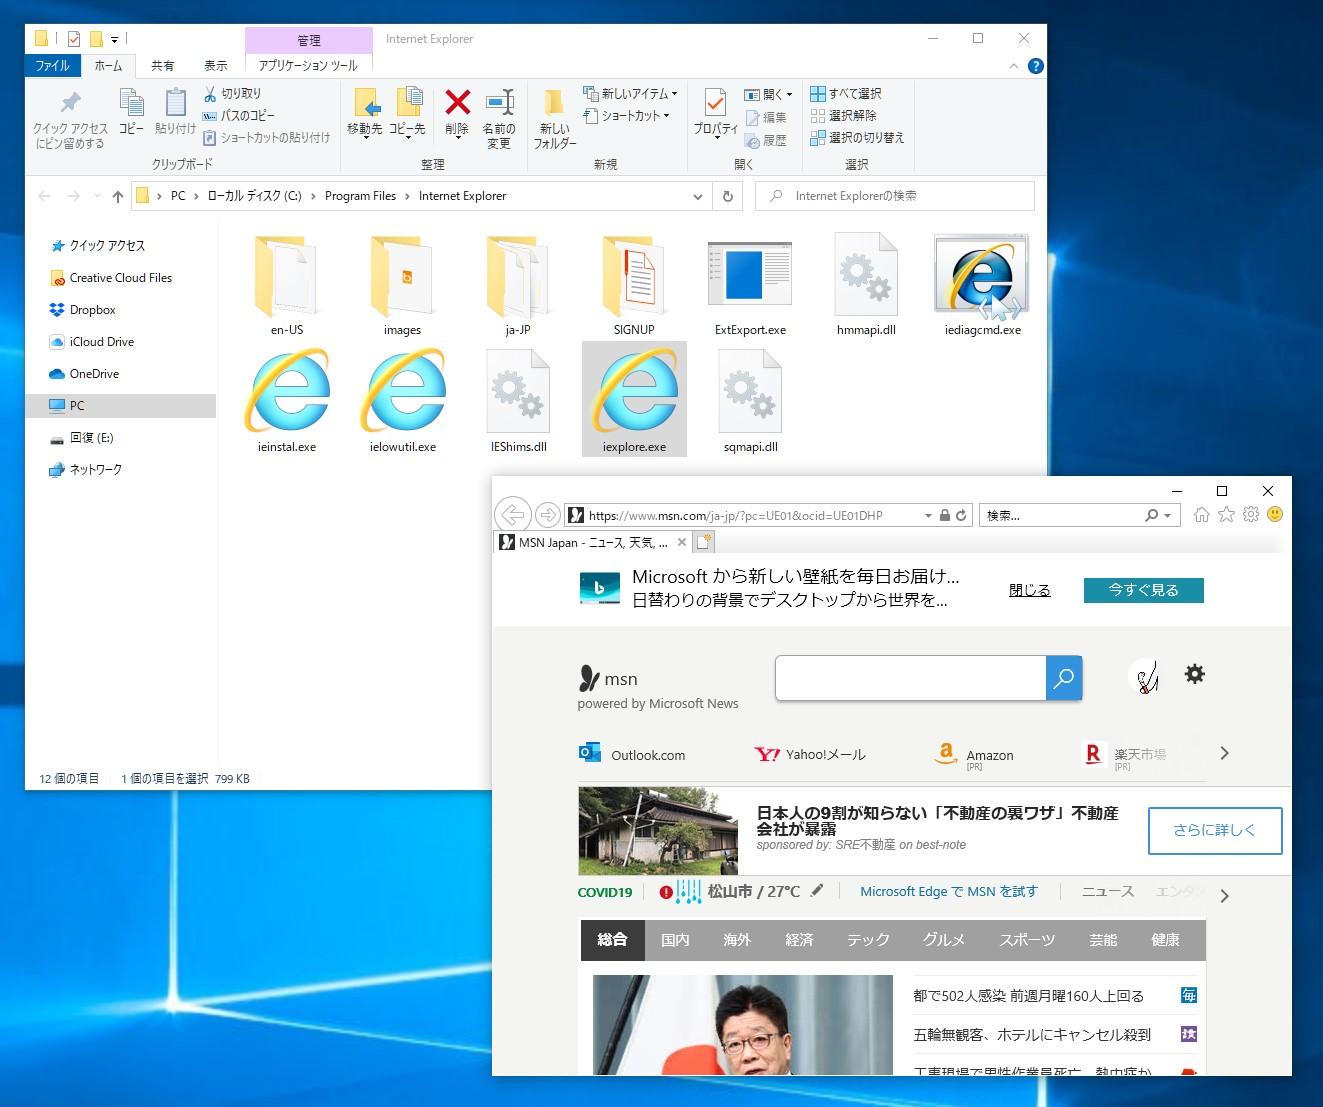 単体の「デスクトップアプリケーション」としての「IE 11」(iexplore.exe)